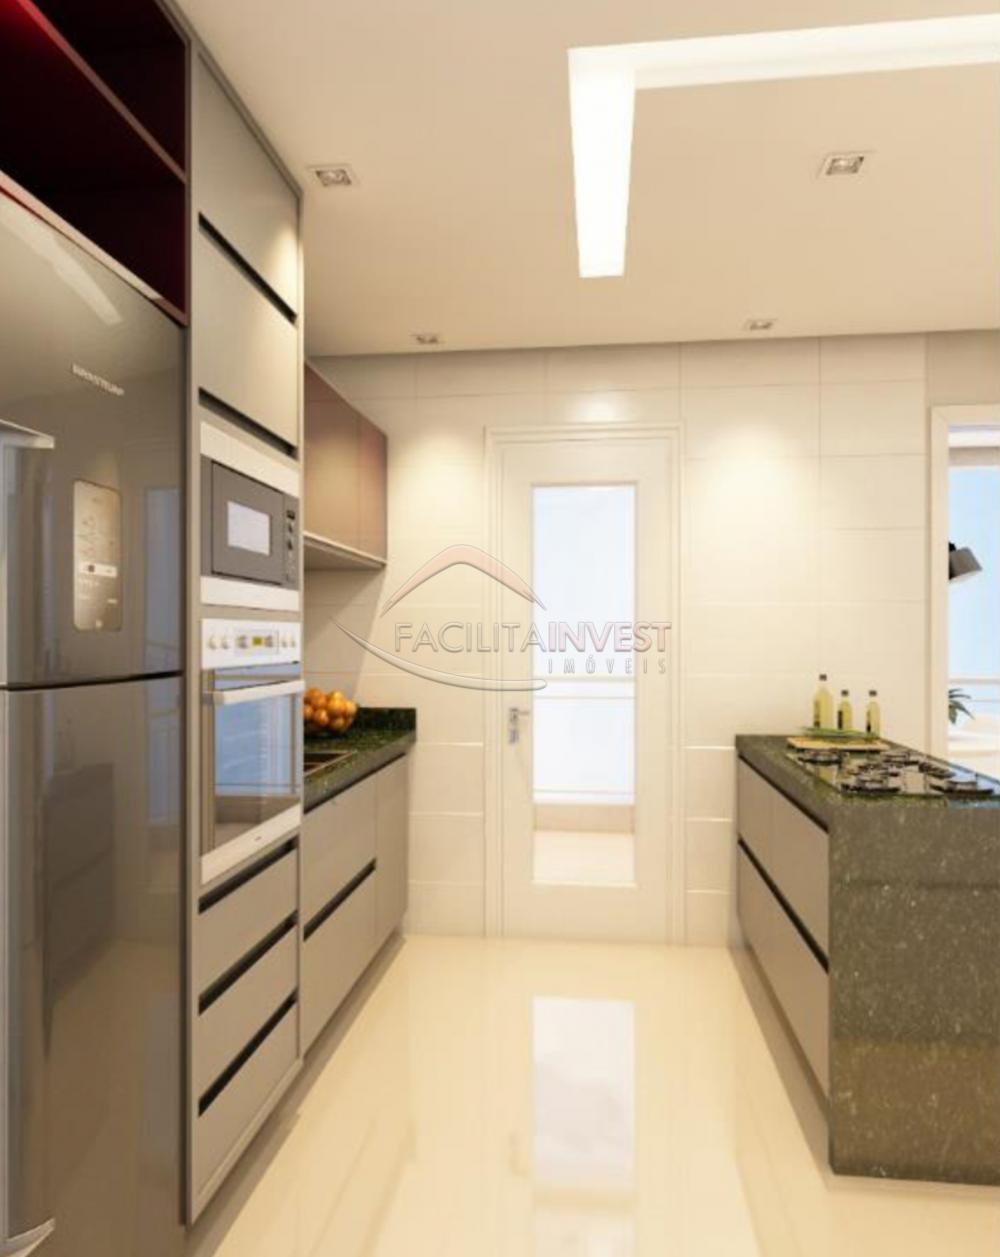 Comprar Lançamentos/ Empreendimentos em Construç / Apartamento padrão - Lançamento em Ribeirão Preto apenas R$ 540.748,00 - Foto 2